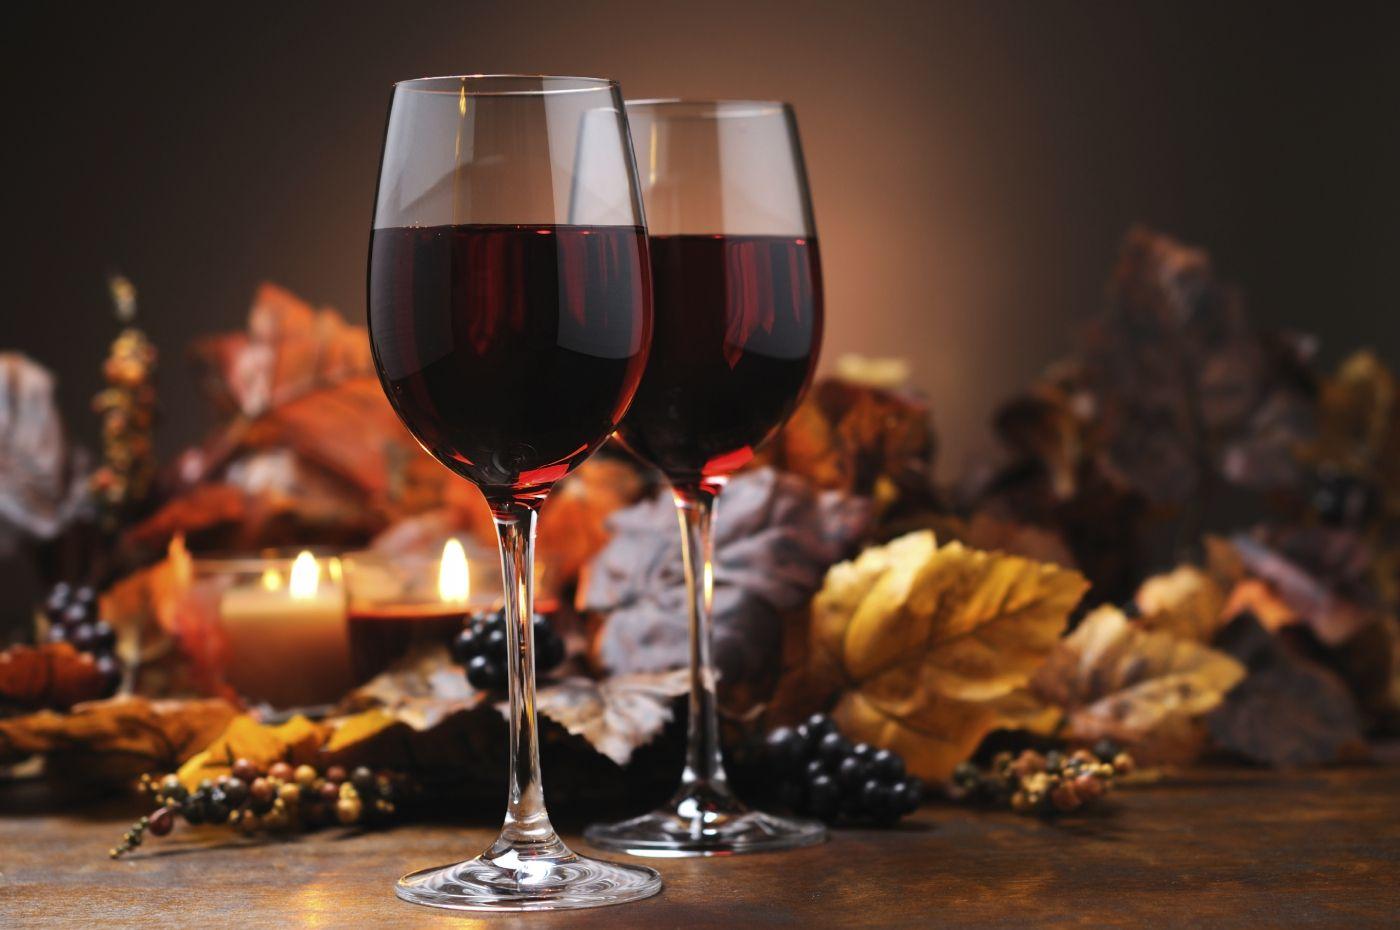 分析葡萄酒有哪些诀窍